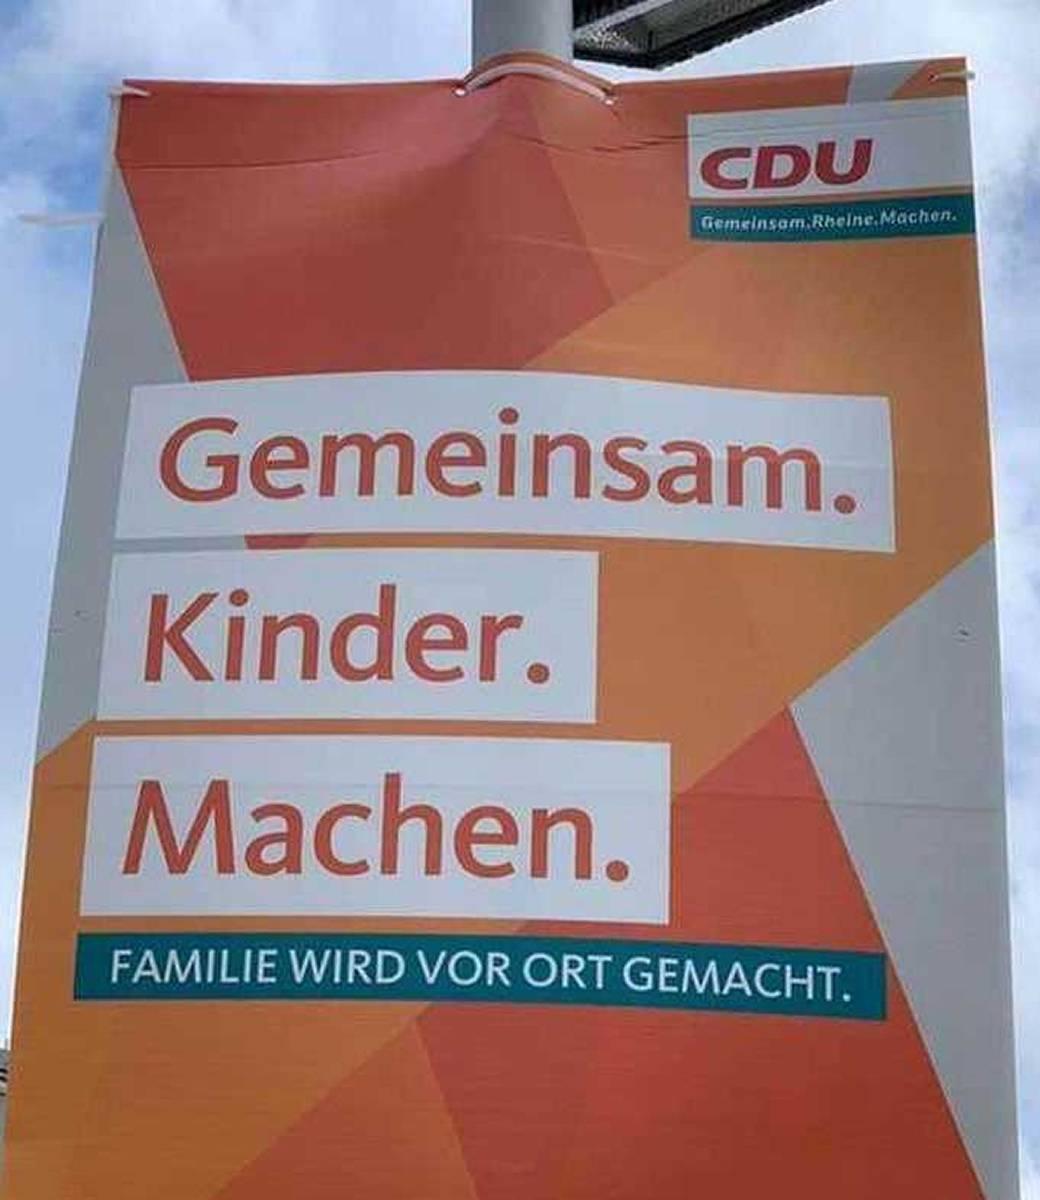 Lustige Wahlplakate Dieser Slogan Ist Eindeutig Zweideutig